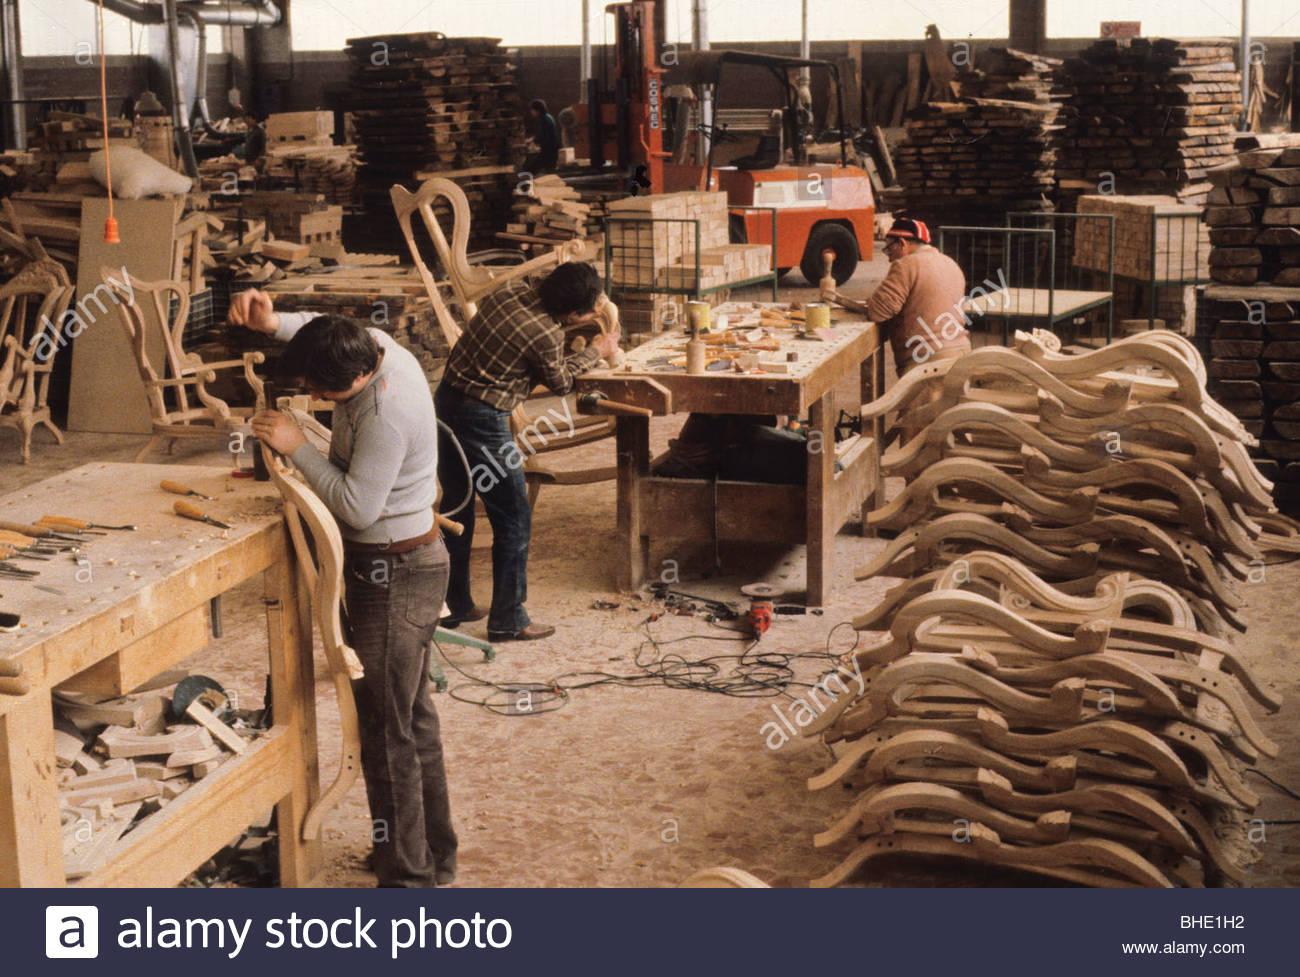 Furniture factory brianza lomc